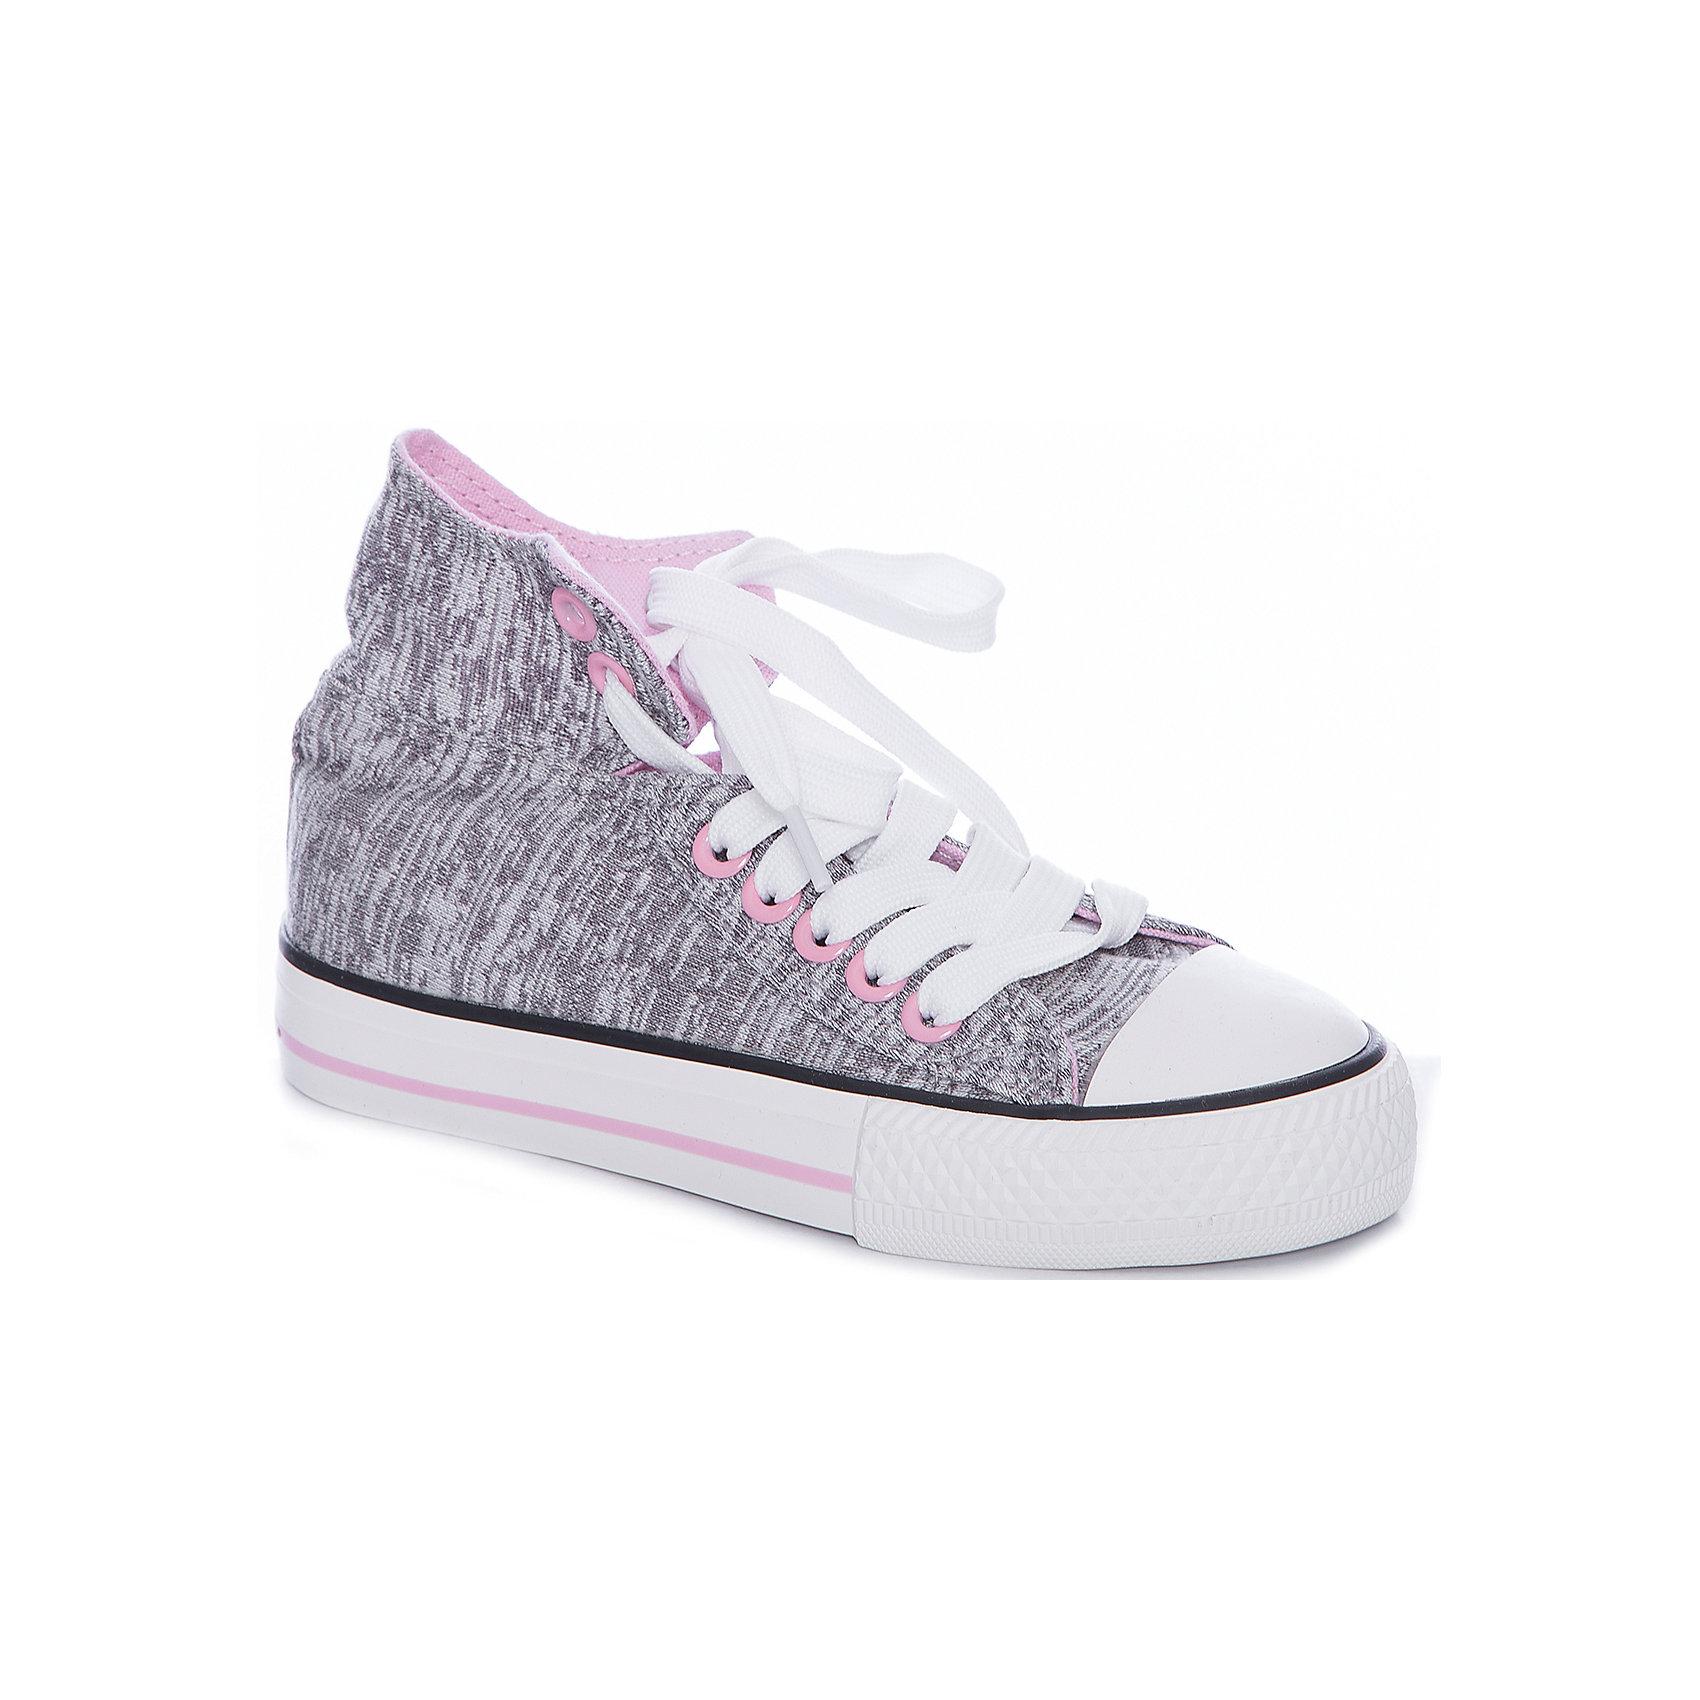 Кеды для девочки PlayTodayКеды<br>Кеды для девочки PlayToday<br>Стильные и комфортные ботинки - превосходно подходят для ежедневных прогулок. Ботинки выполнены из хлопковой ткани, которая легко поддается чистке. Легкая подошва с рифлением обеспечивает оптимальный комфорт.<br><br>Преимущества: <br><br>Подошва из гибкого, нескользящего материала<br>Рифление подошвы обеспечивает хорошее сцепление с поверхностью<br><br>Состав:<br>Верх:95%хлопок 5%полиэстер;Подкладка:100%хлопок;Подошва:100%резина<br><br>Ширина мм: 262<br>Глубина мм: 176<br>Высота мм: 97<br>Вес г: 427<br>Цвет: разноцветный<br>Возраст от месяцев: 48<br>Возраст до месяцев: 60<br>Пол: Женский<br>Возраст: Детский<br>Размер: 28,32,33,34,29,30,31<br>SKU: 5404611